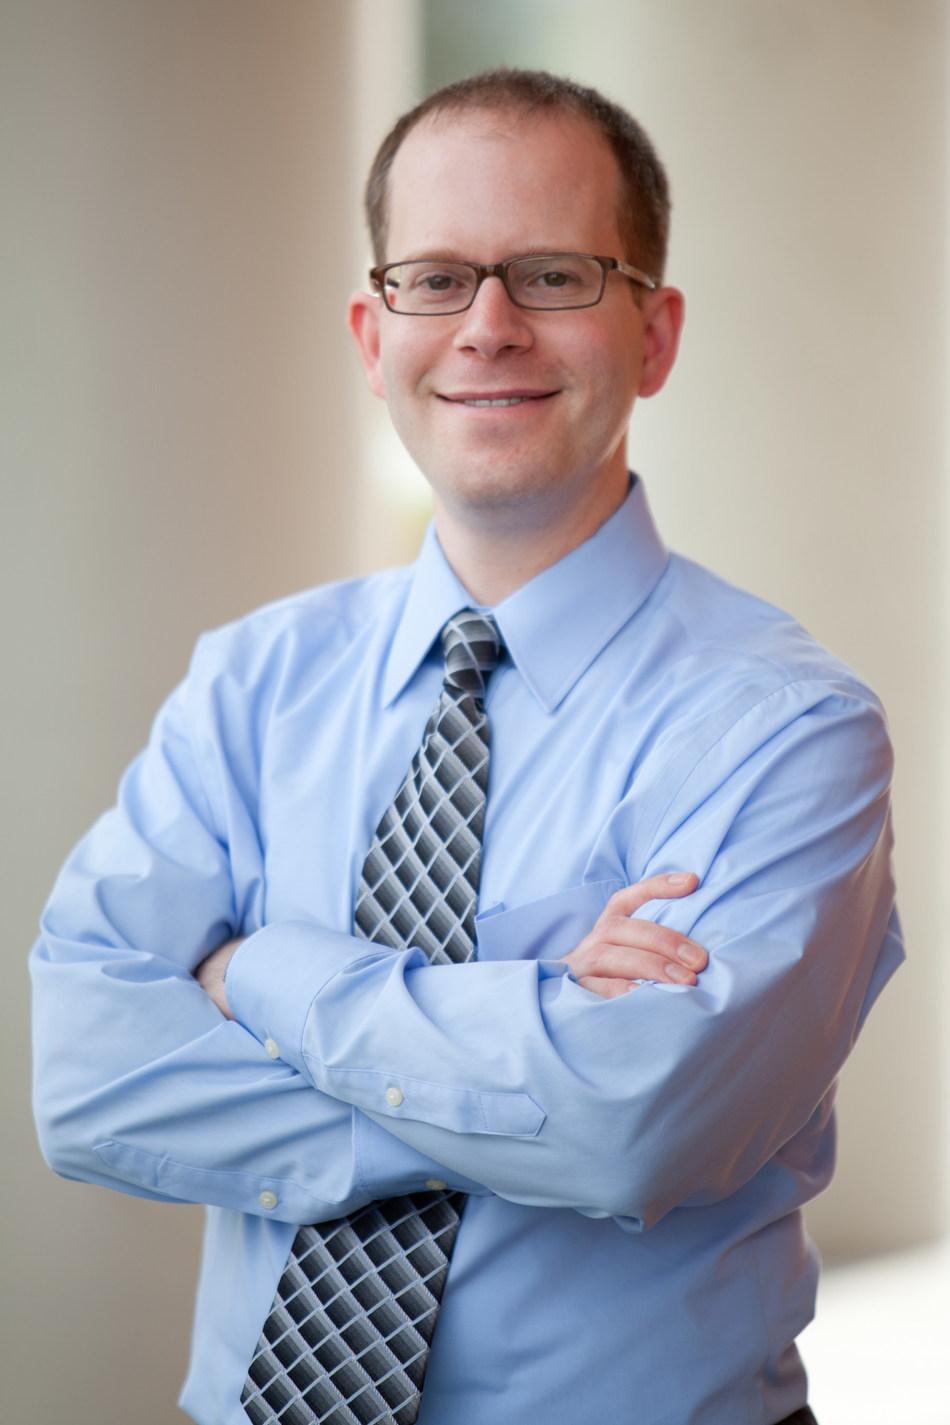 Dr. Jonathan Feldman, Montefiore and Albert Einstein College of Medicine